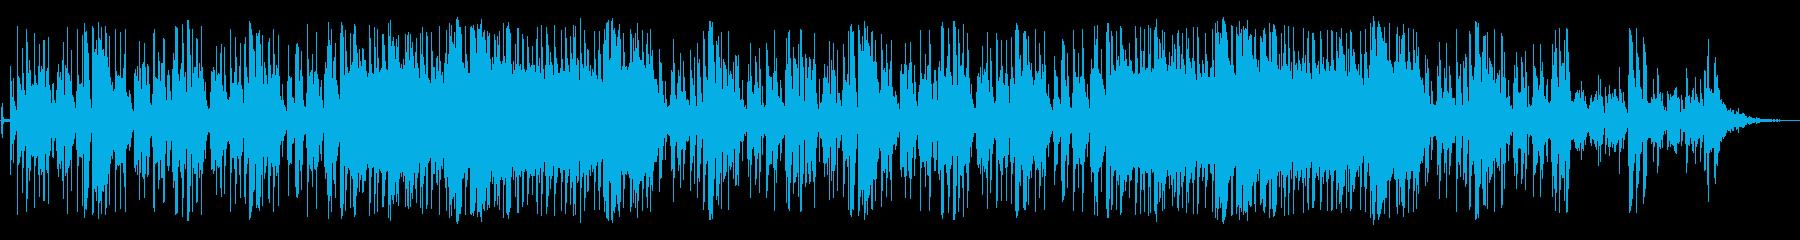 アコギとクラシックギタ-のアンサンブルの再生済みの波形